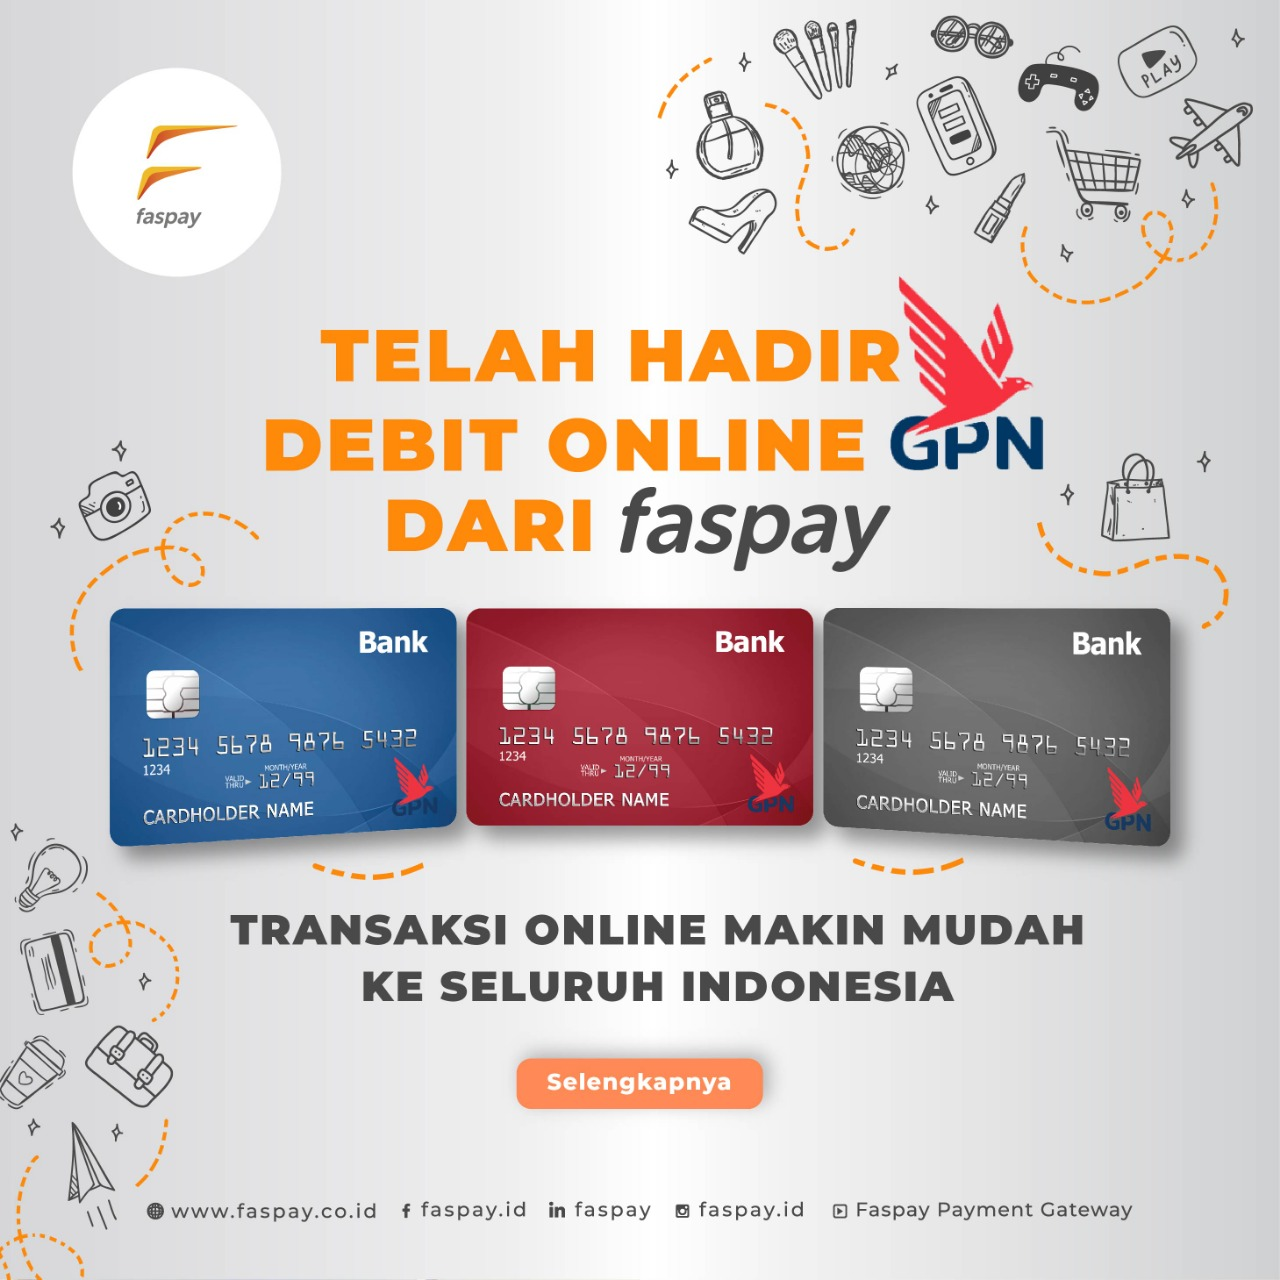 Mudahnya Bertransaksi Dengan Kartu Debit Online Berlogo B Secure Channel Pembayaran Terbaru Di Faspay Faspay